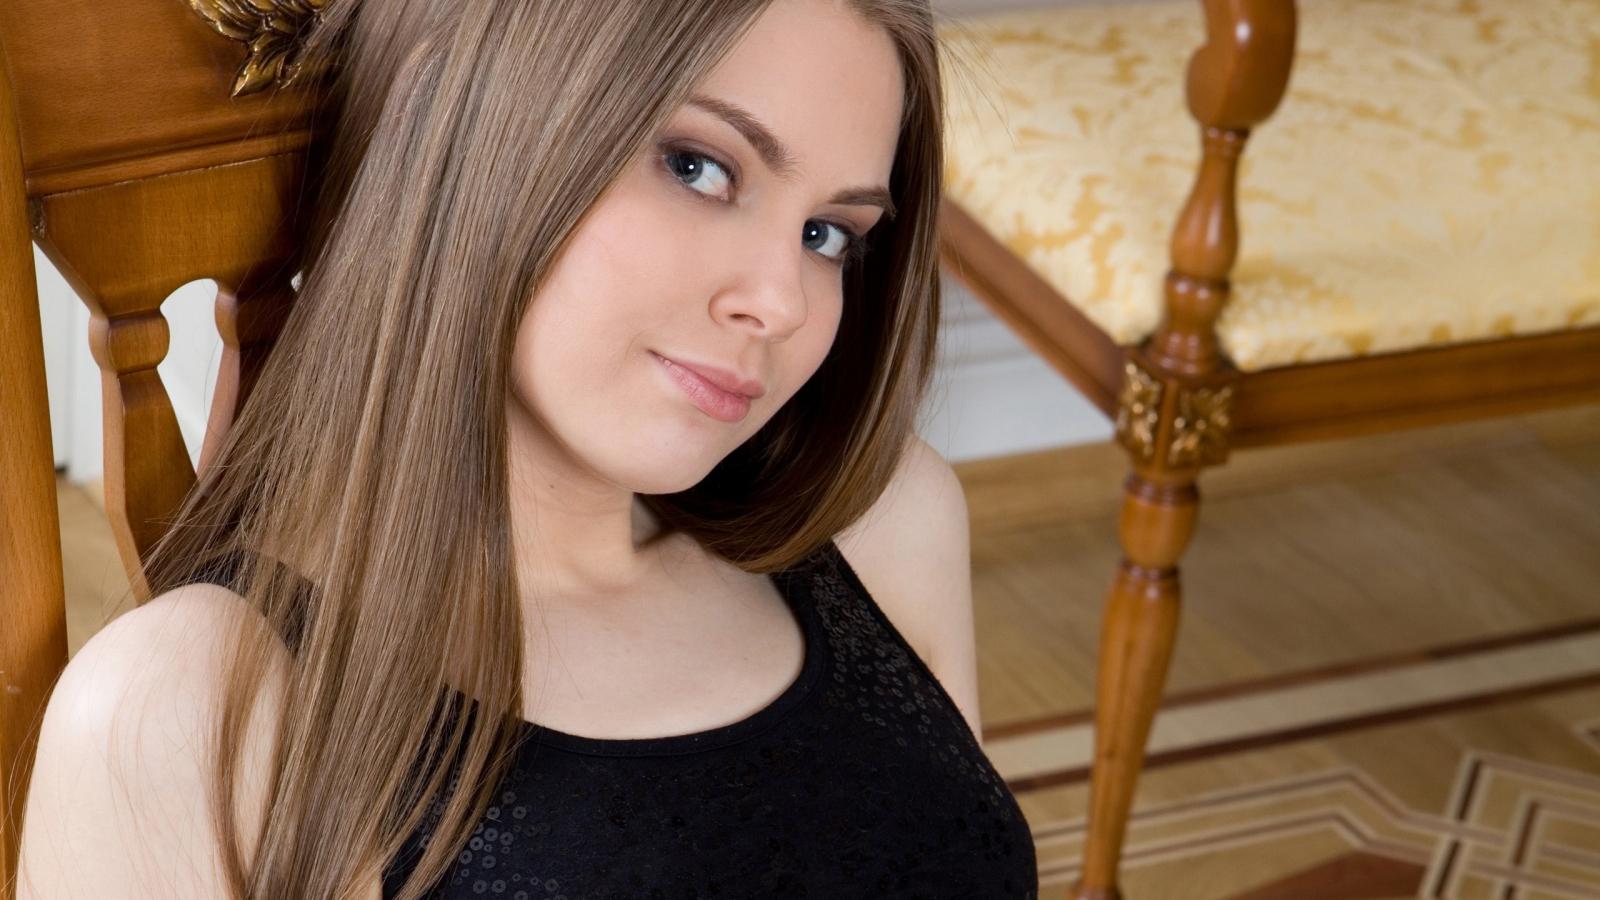 Chica de pelo largo - 1600x900